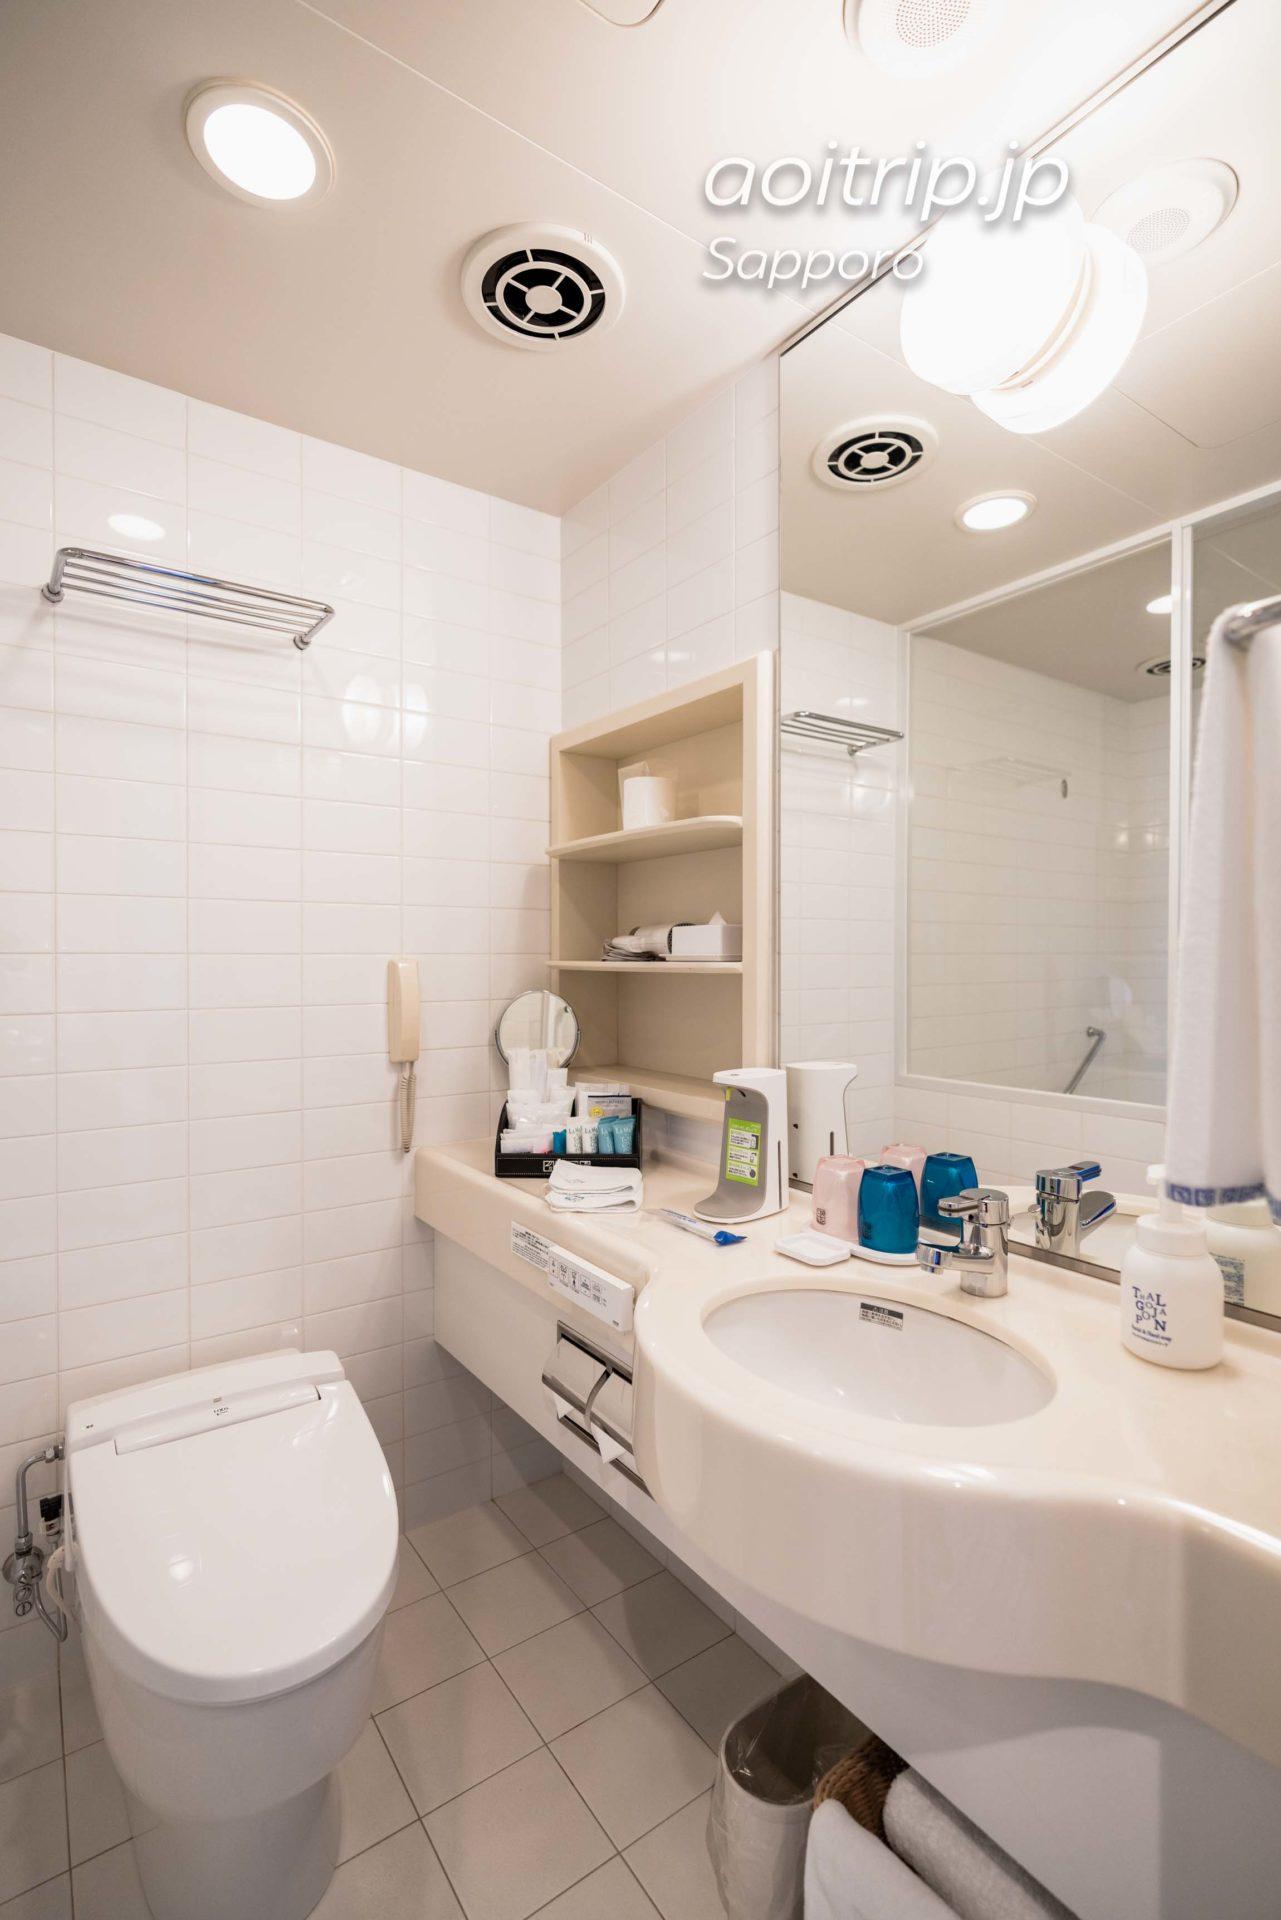 JRタワーホテル日航札幌のモデレートツインルーム客室 バスルーム